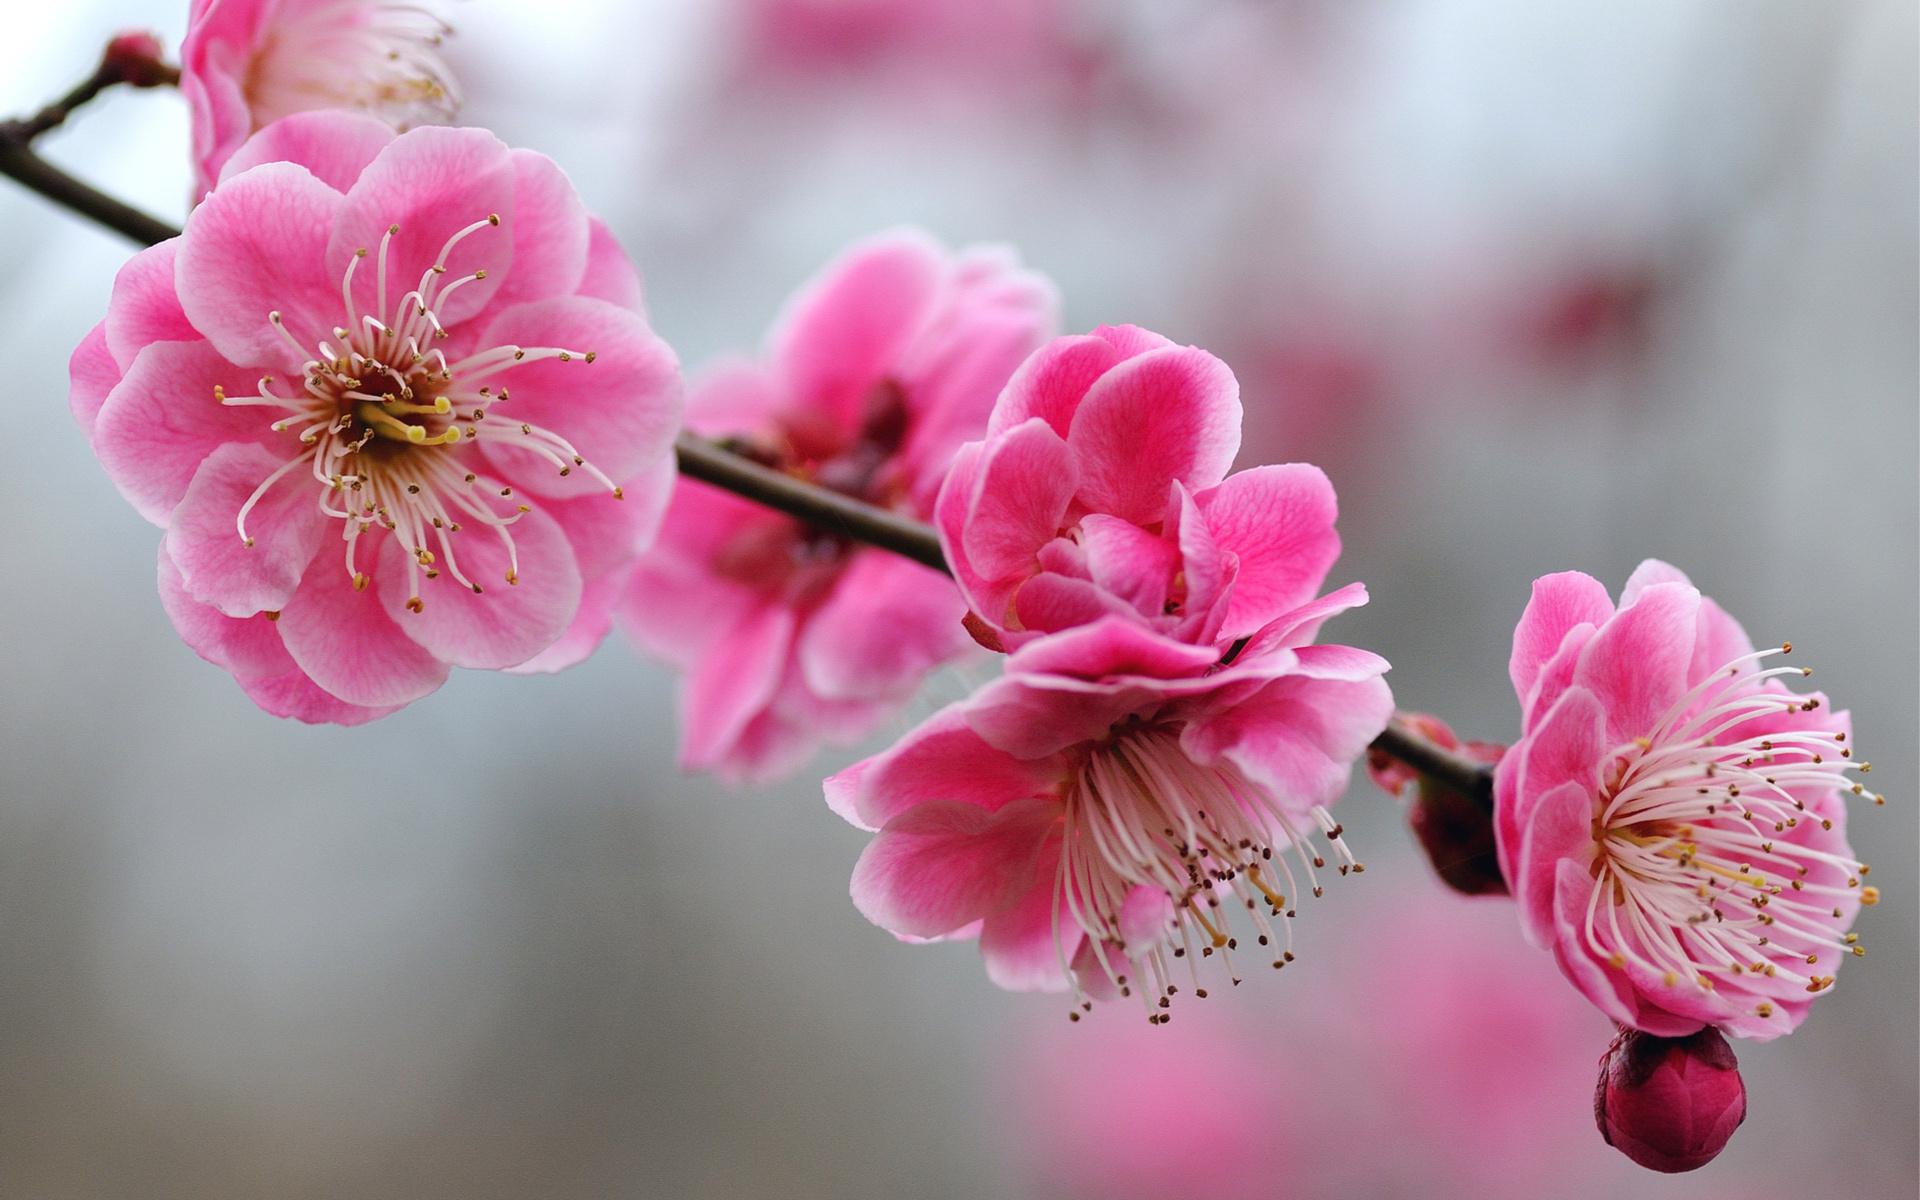 pink flowers - HD Desktop Wallpapers | 4k HD